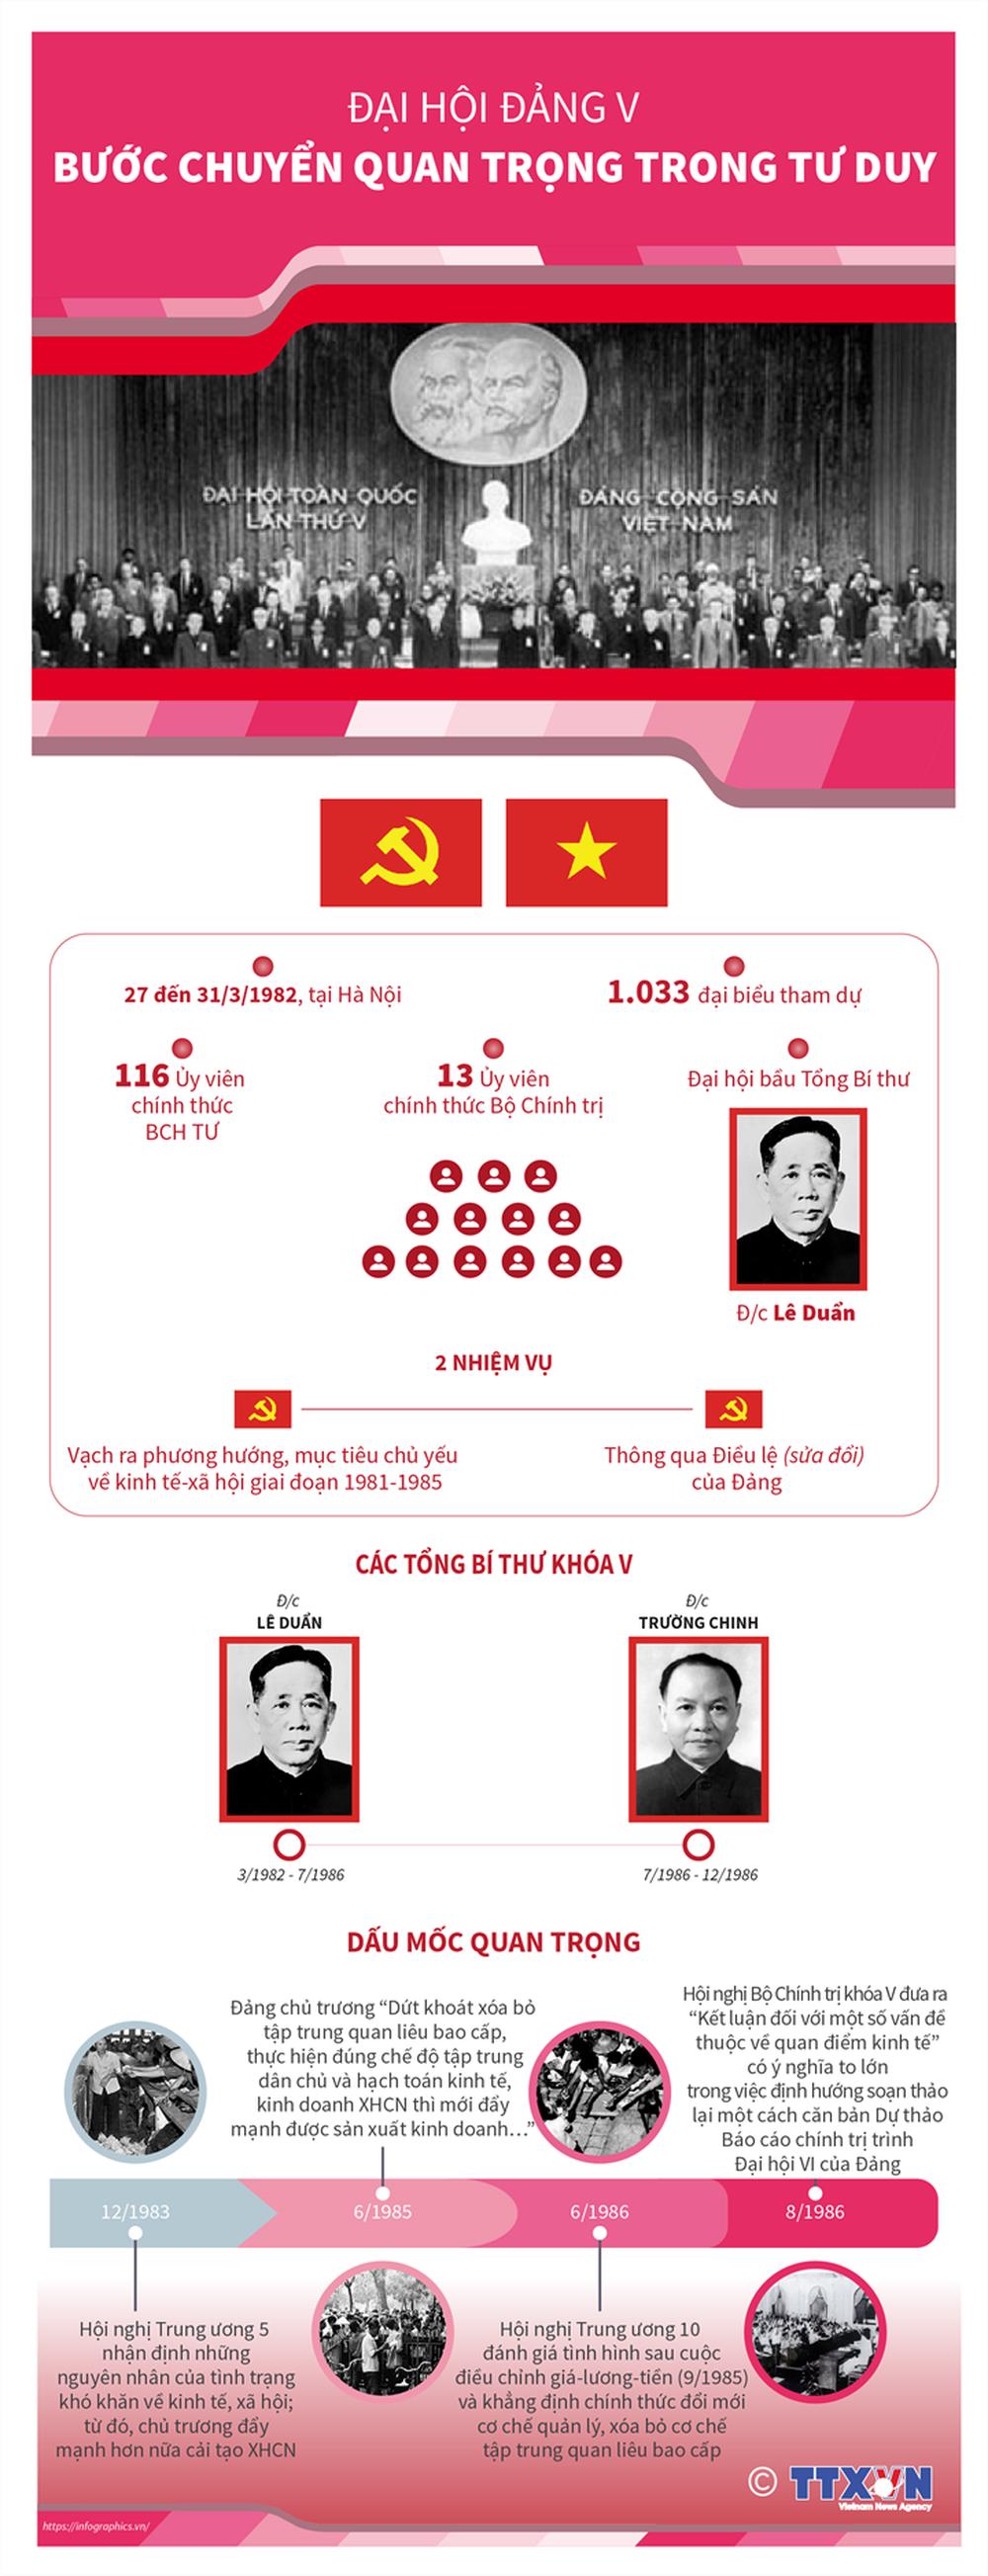 Nhìn lại 12 kỳ Đại hội của Đảng Cộng sản Việt Nam - Ảnh 5.